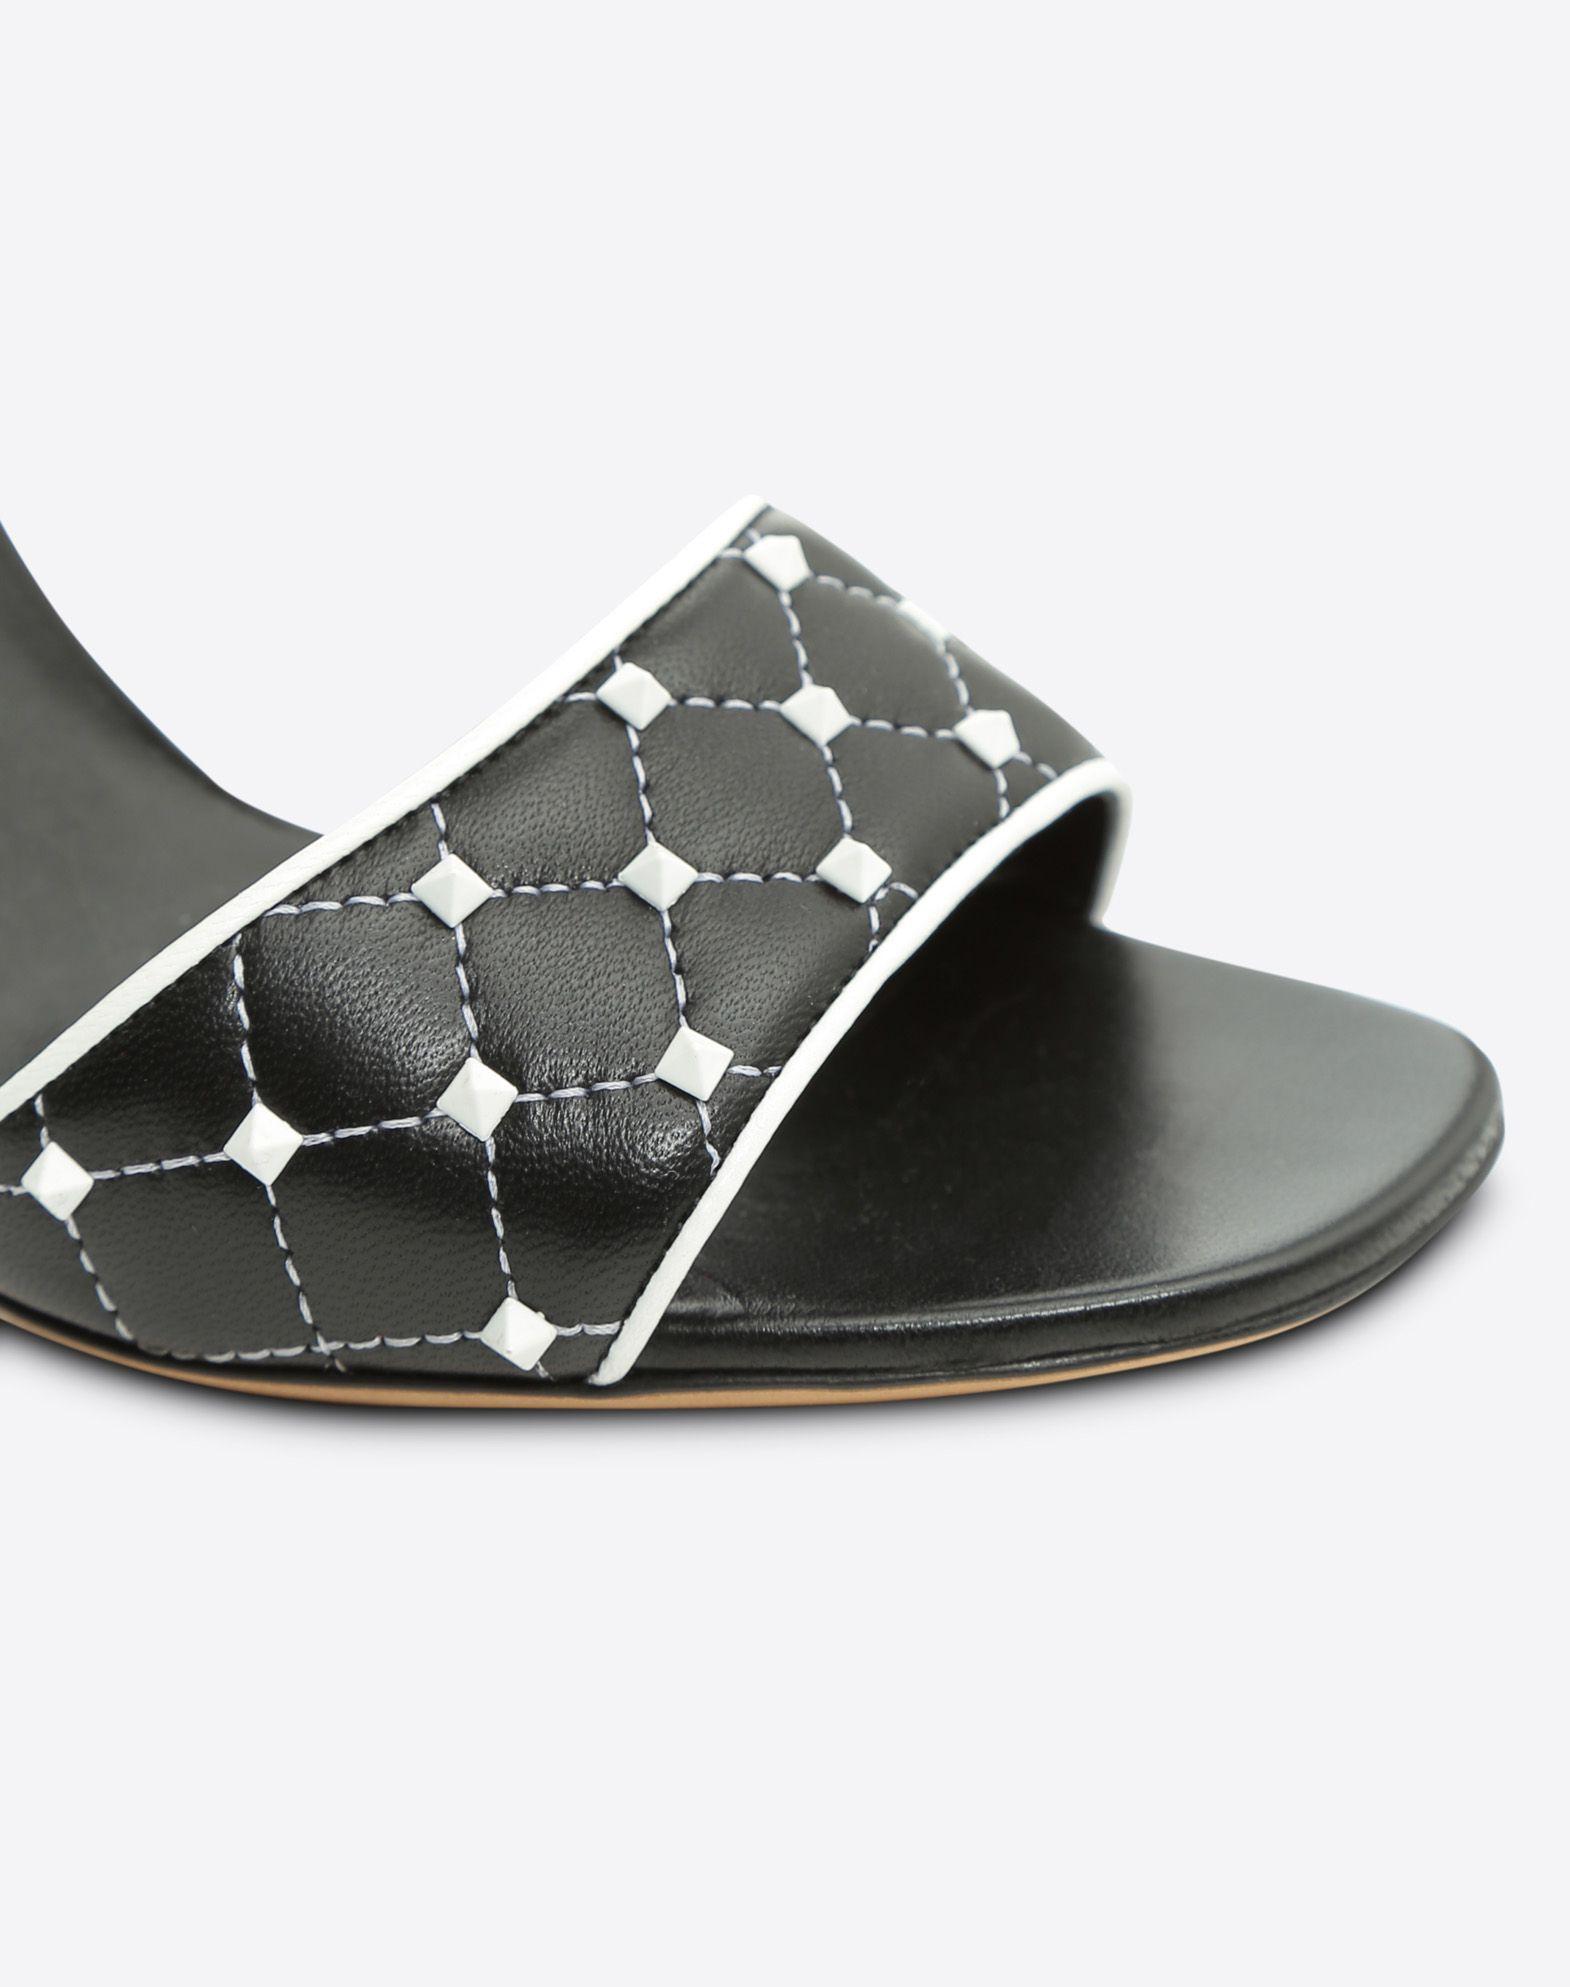 VALENTINO GARAVANI Free Rockstud Spike 凉鞋 SANDALS TACCO ALTO D b